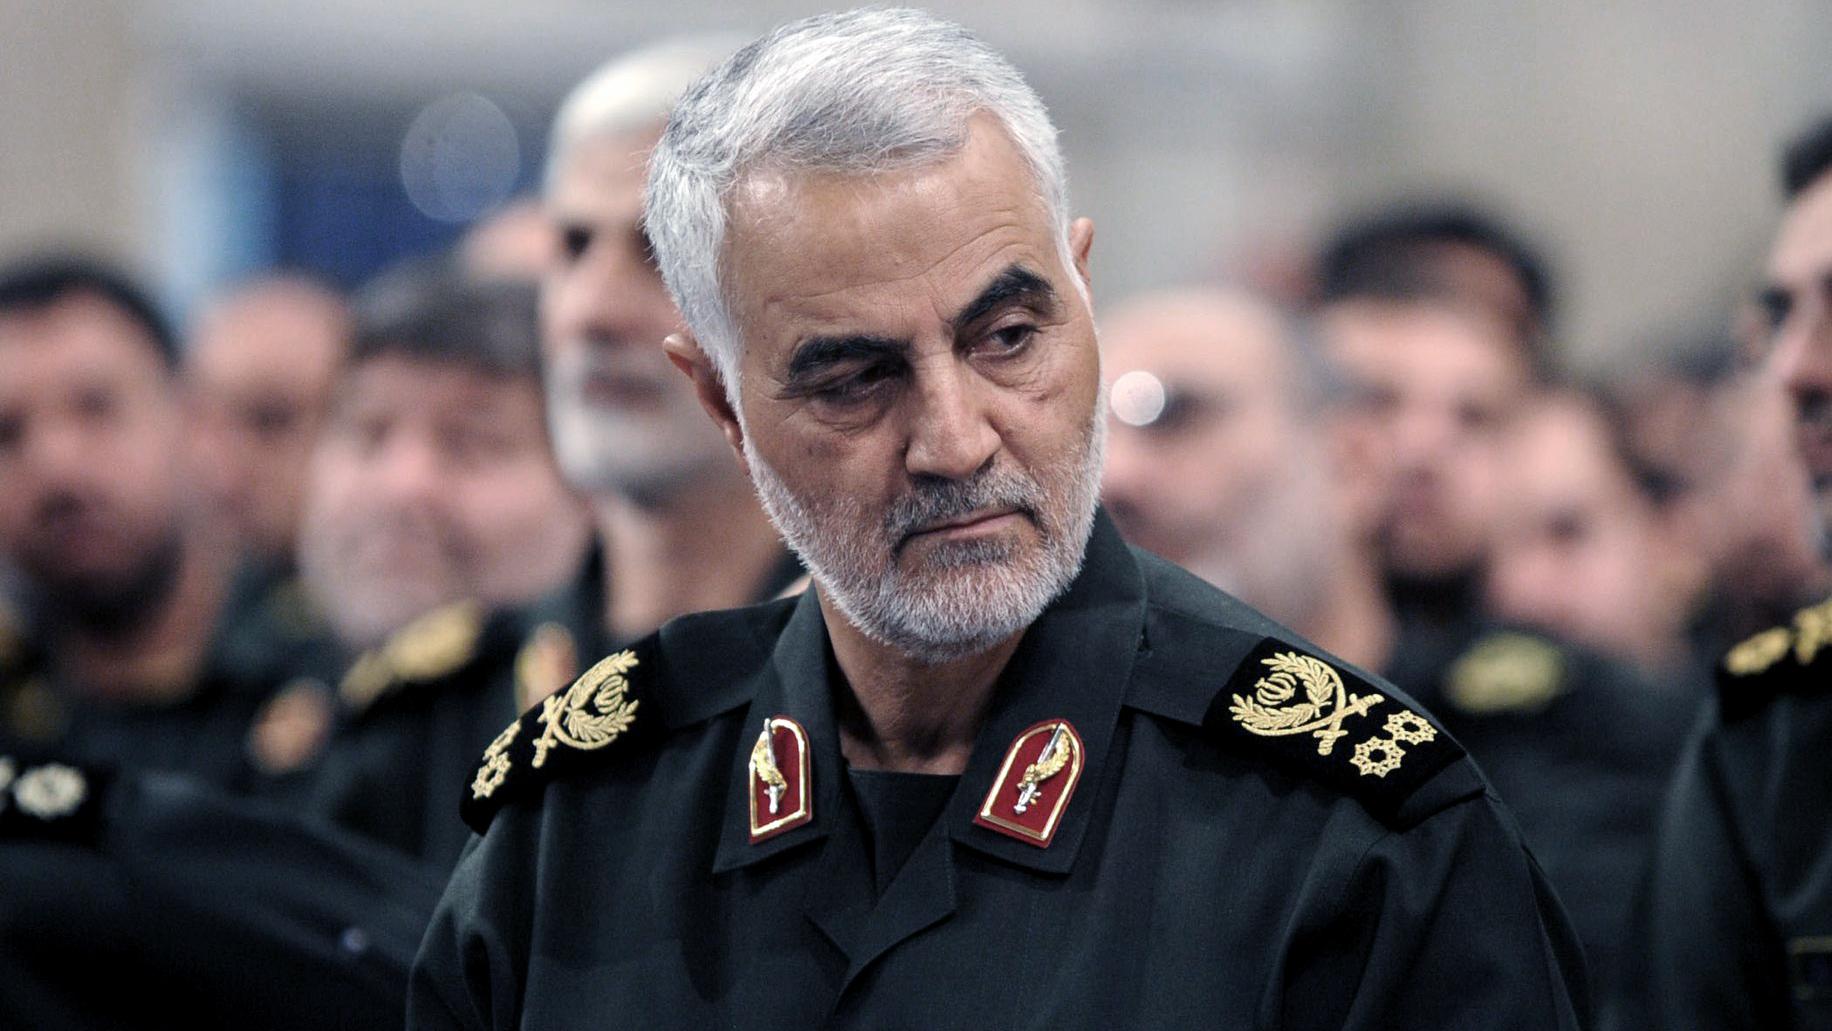 Analizan 13 escenarios para vengar el asesinato de Soleimani